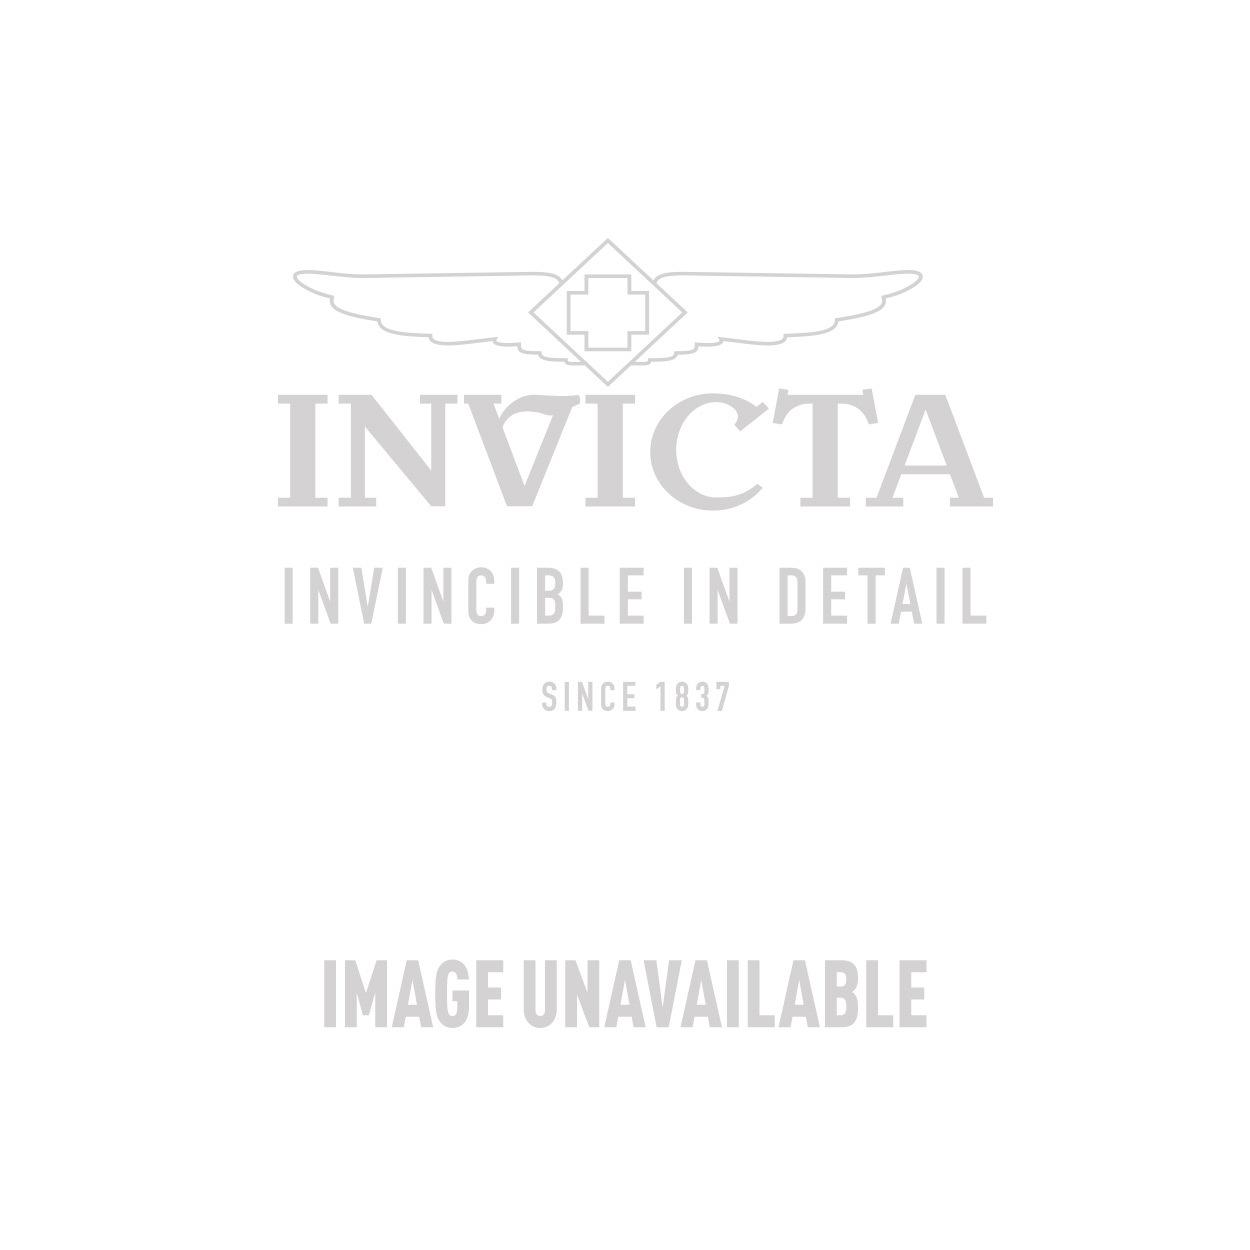 Invicta Model 25195